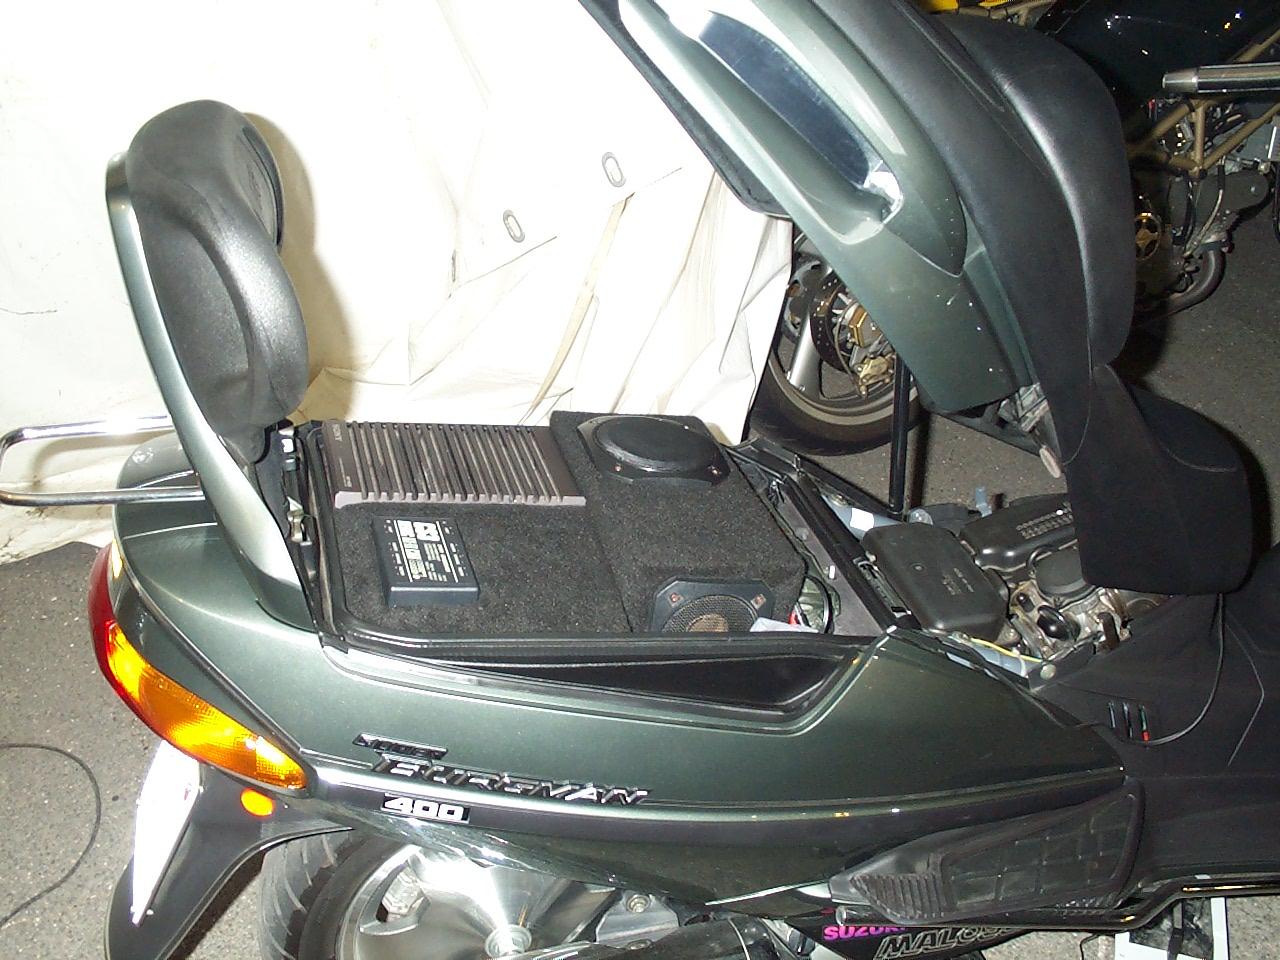 Schema Elettrico Burgman 400 : Suzuki burgman che musica senza quot perdere la bussola